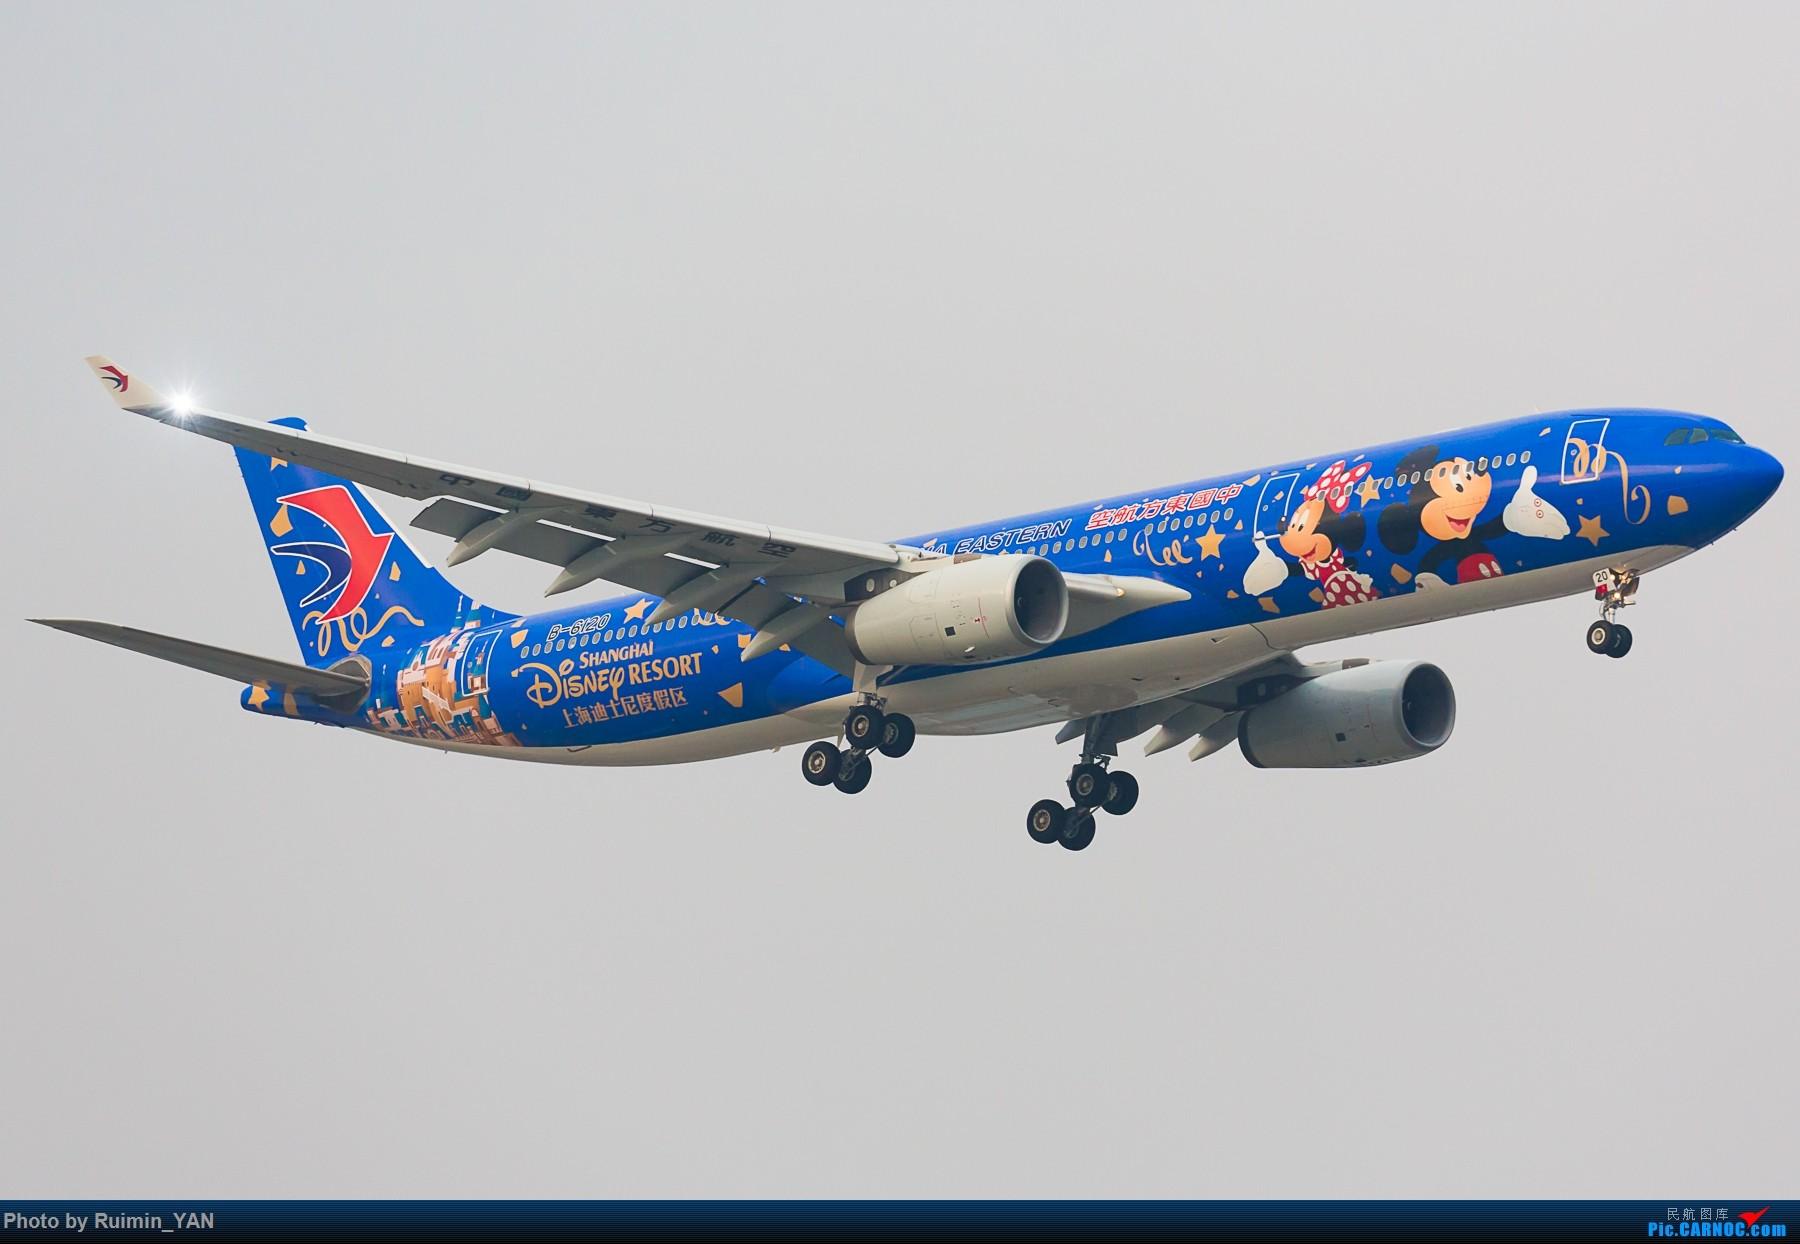 Re:【PEK飞友会】东航迪士尼主题彩绘米老鼠B-6120前世今生-Airbus A330-300 AIRBUS A330-300 B-6120 中国北京首都国际机场